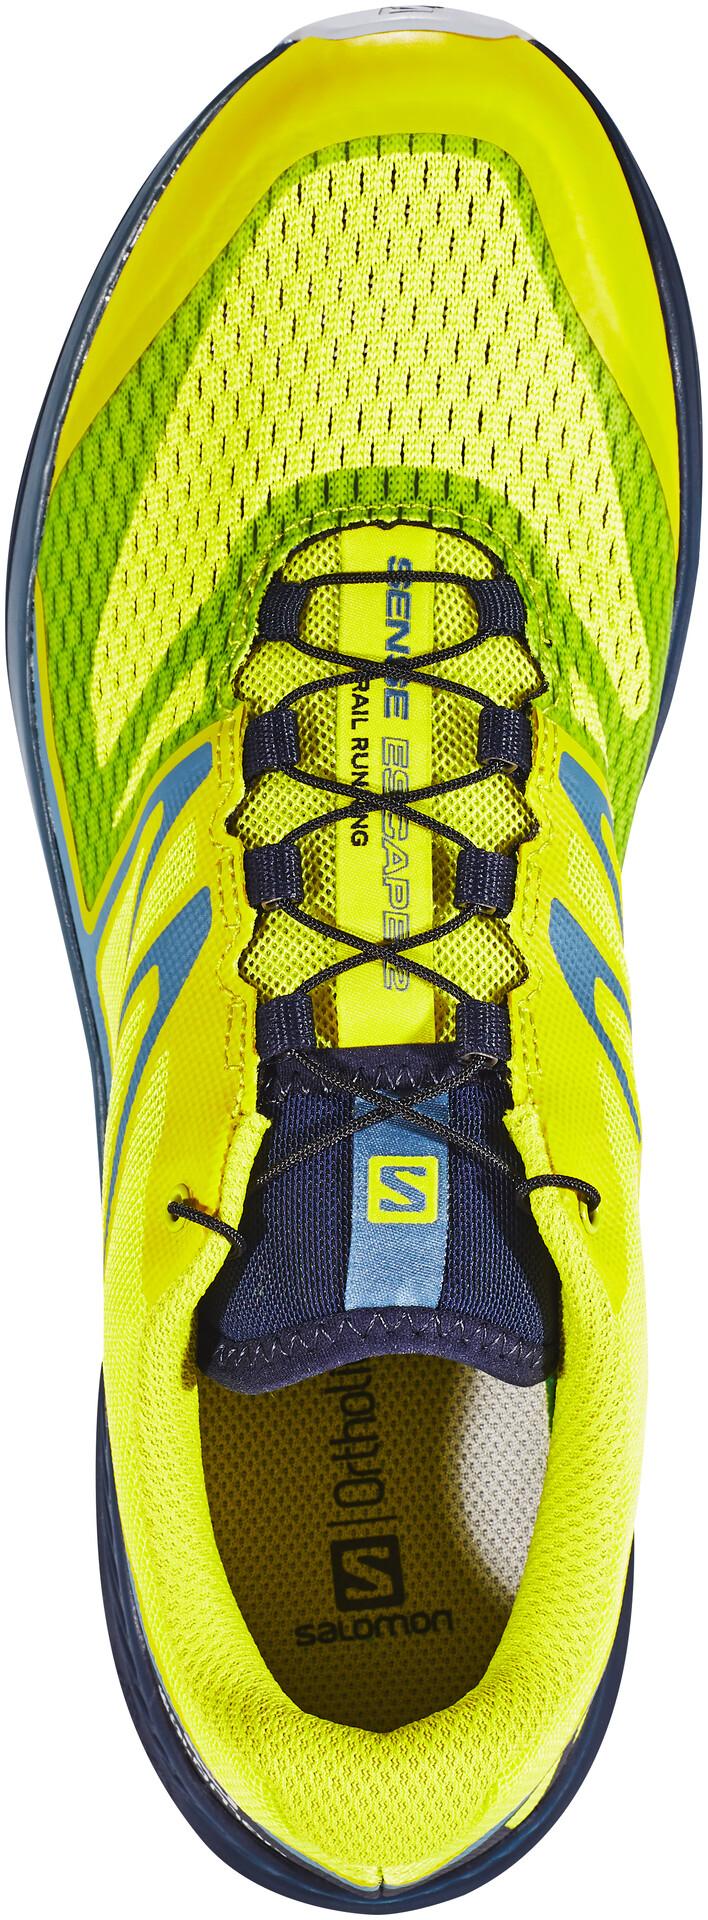 Salomon Sense Escape Herren Trailrunning Schuhe